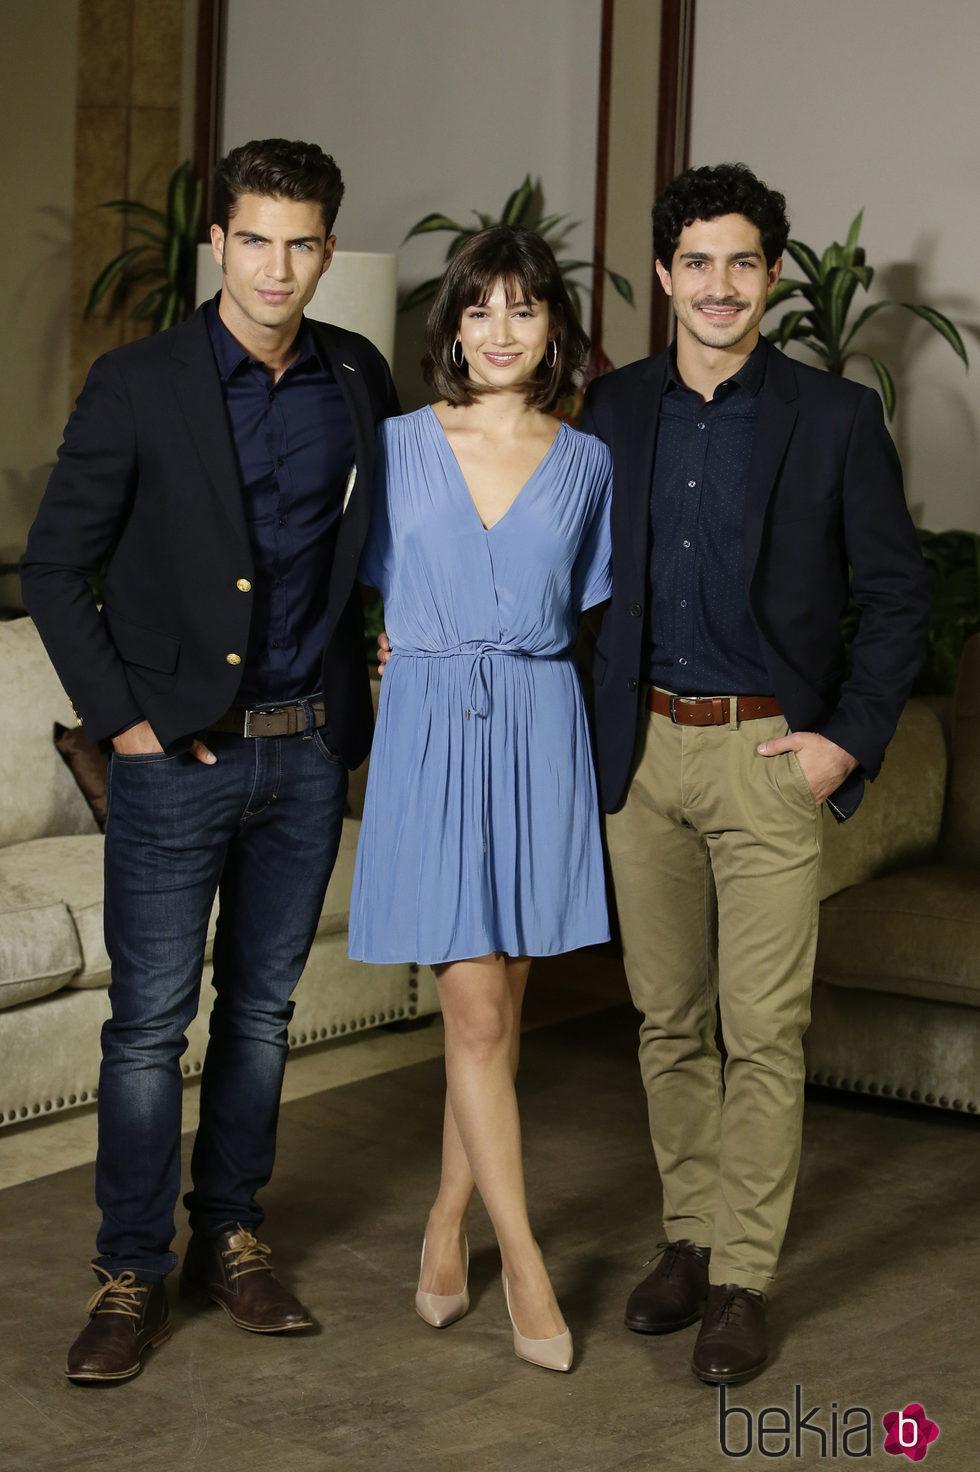 Maxi Iglesias, Úrsula Corberó y Chino Darin en la presentación de 'La Embajada'